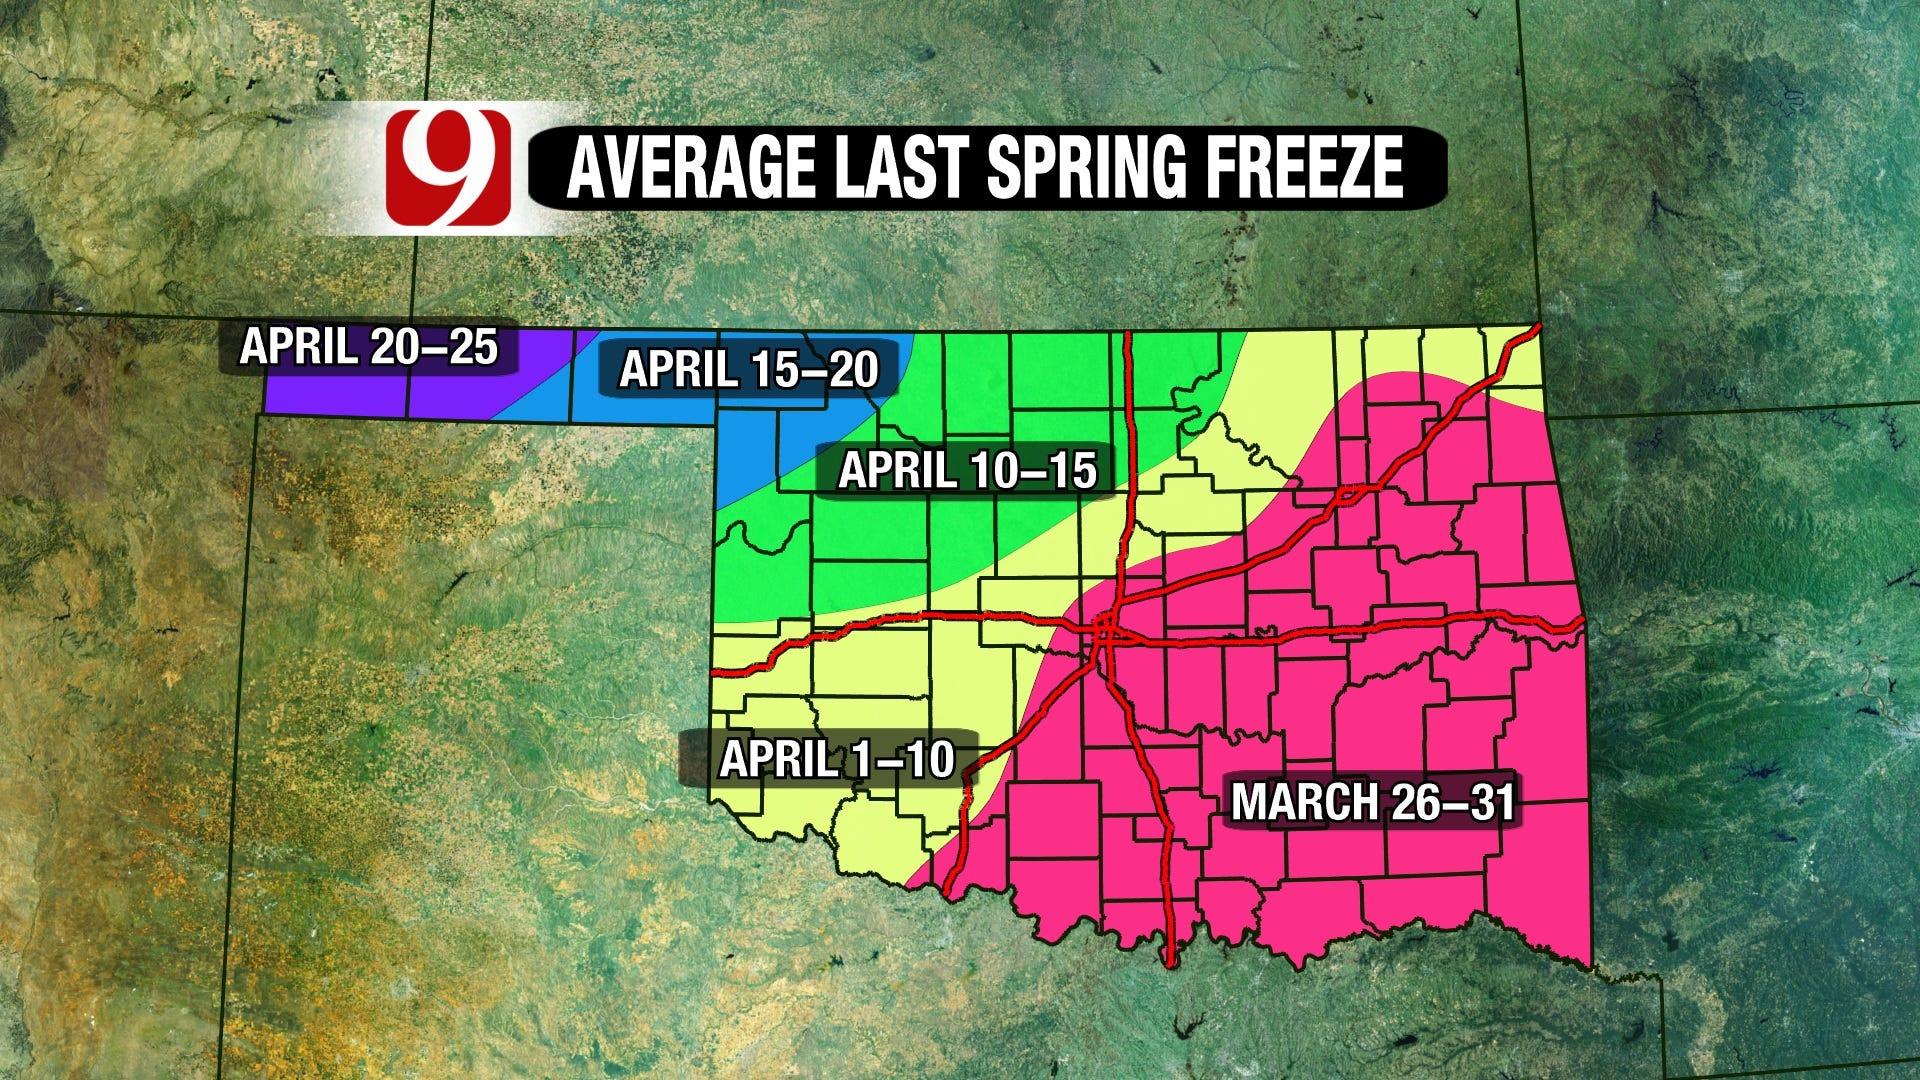 Final Spring Freeze